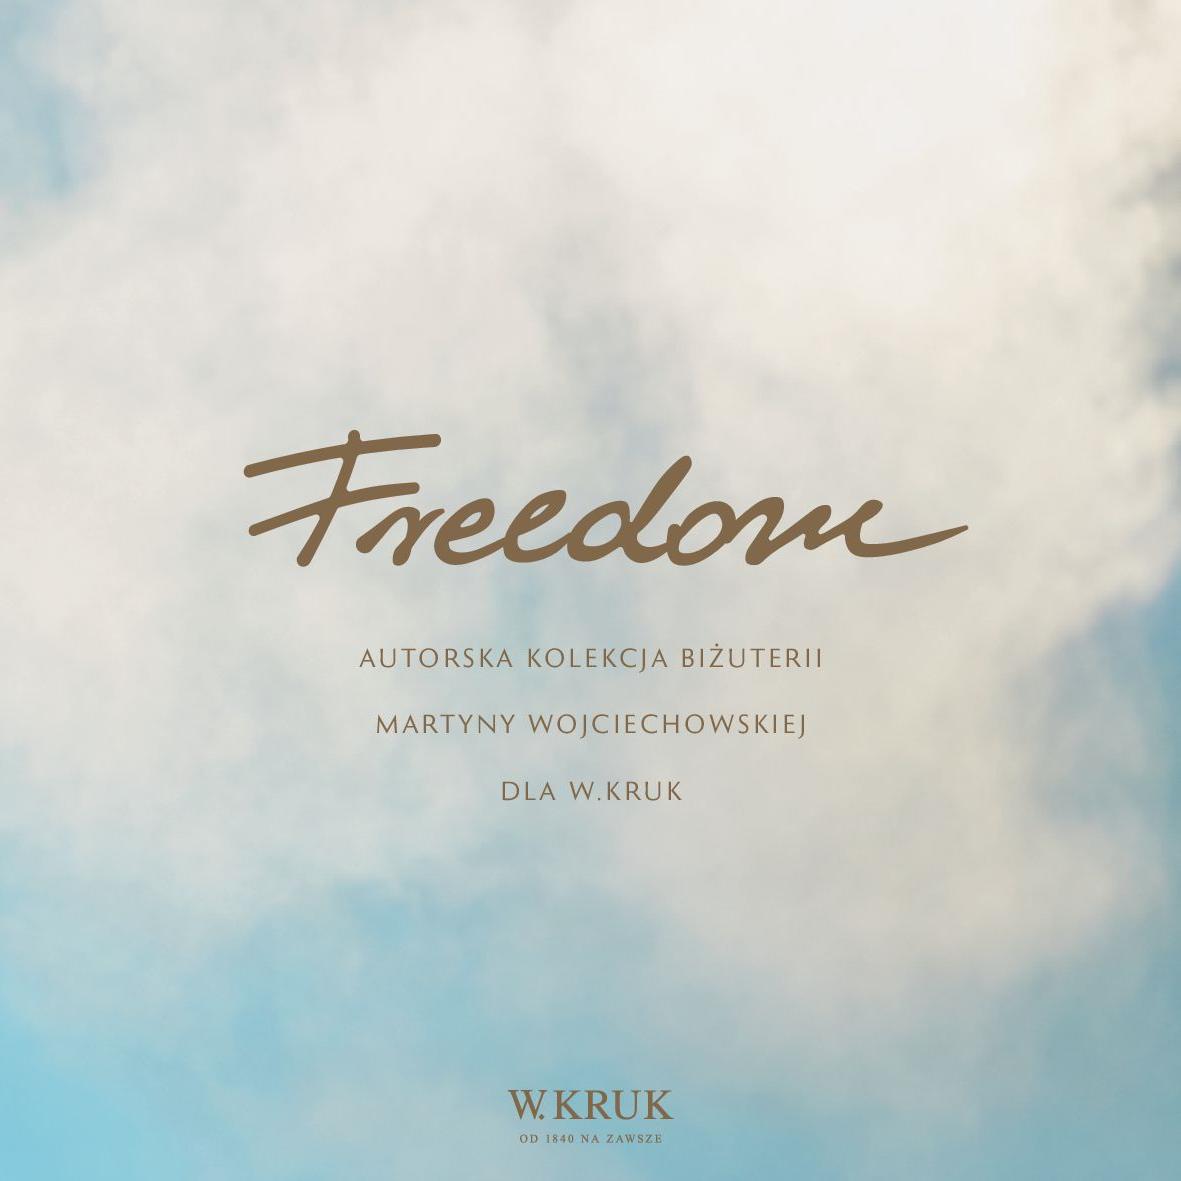 Gazetka W. KRUK: Katalog - Kolekcja Freedom 2021-02-17 page-3